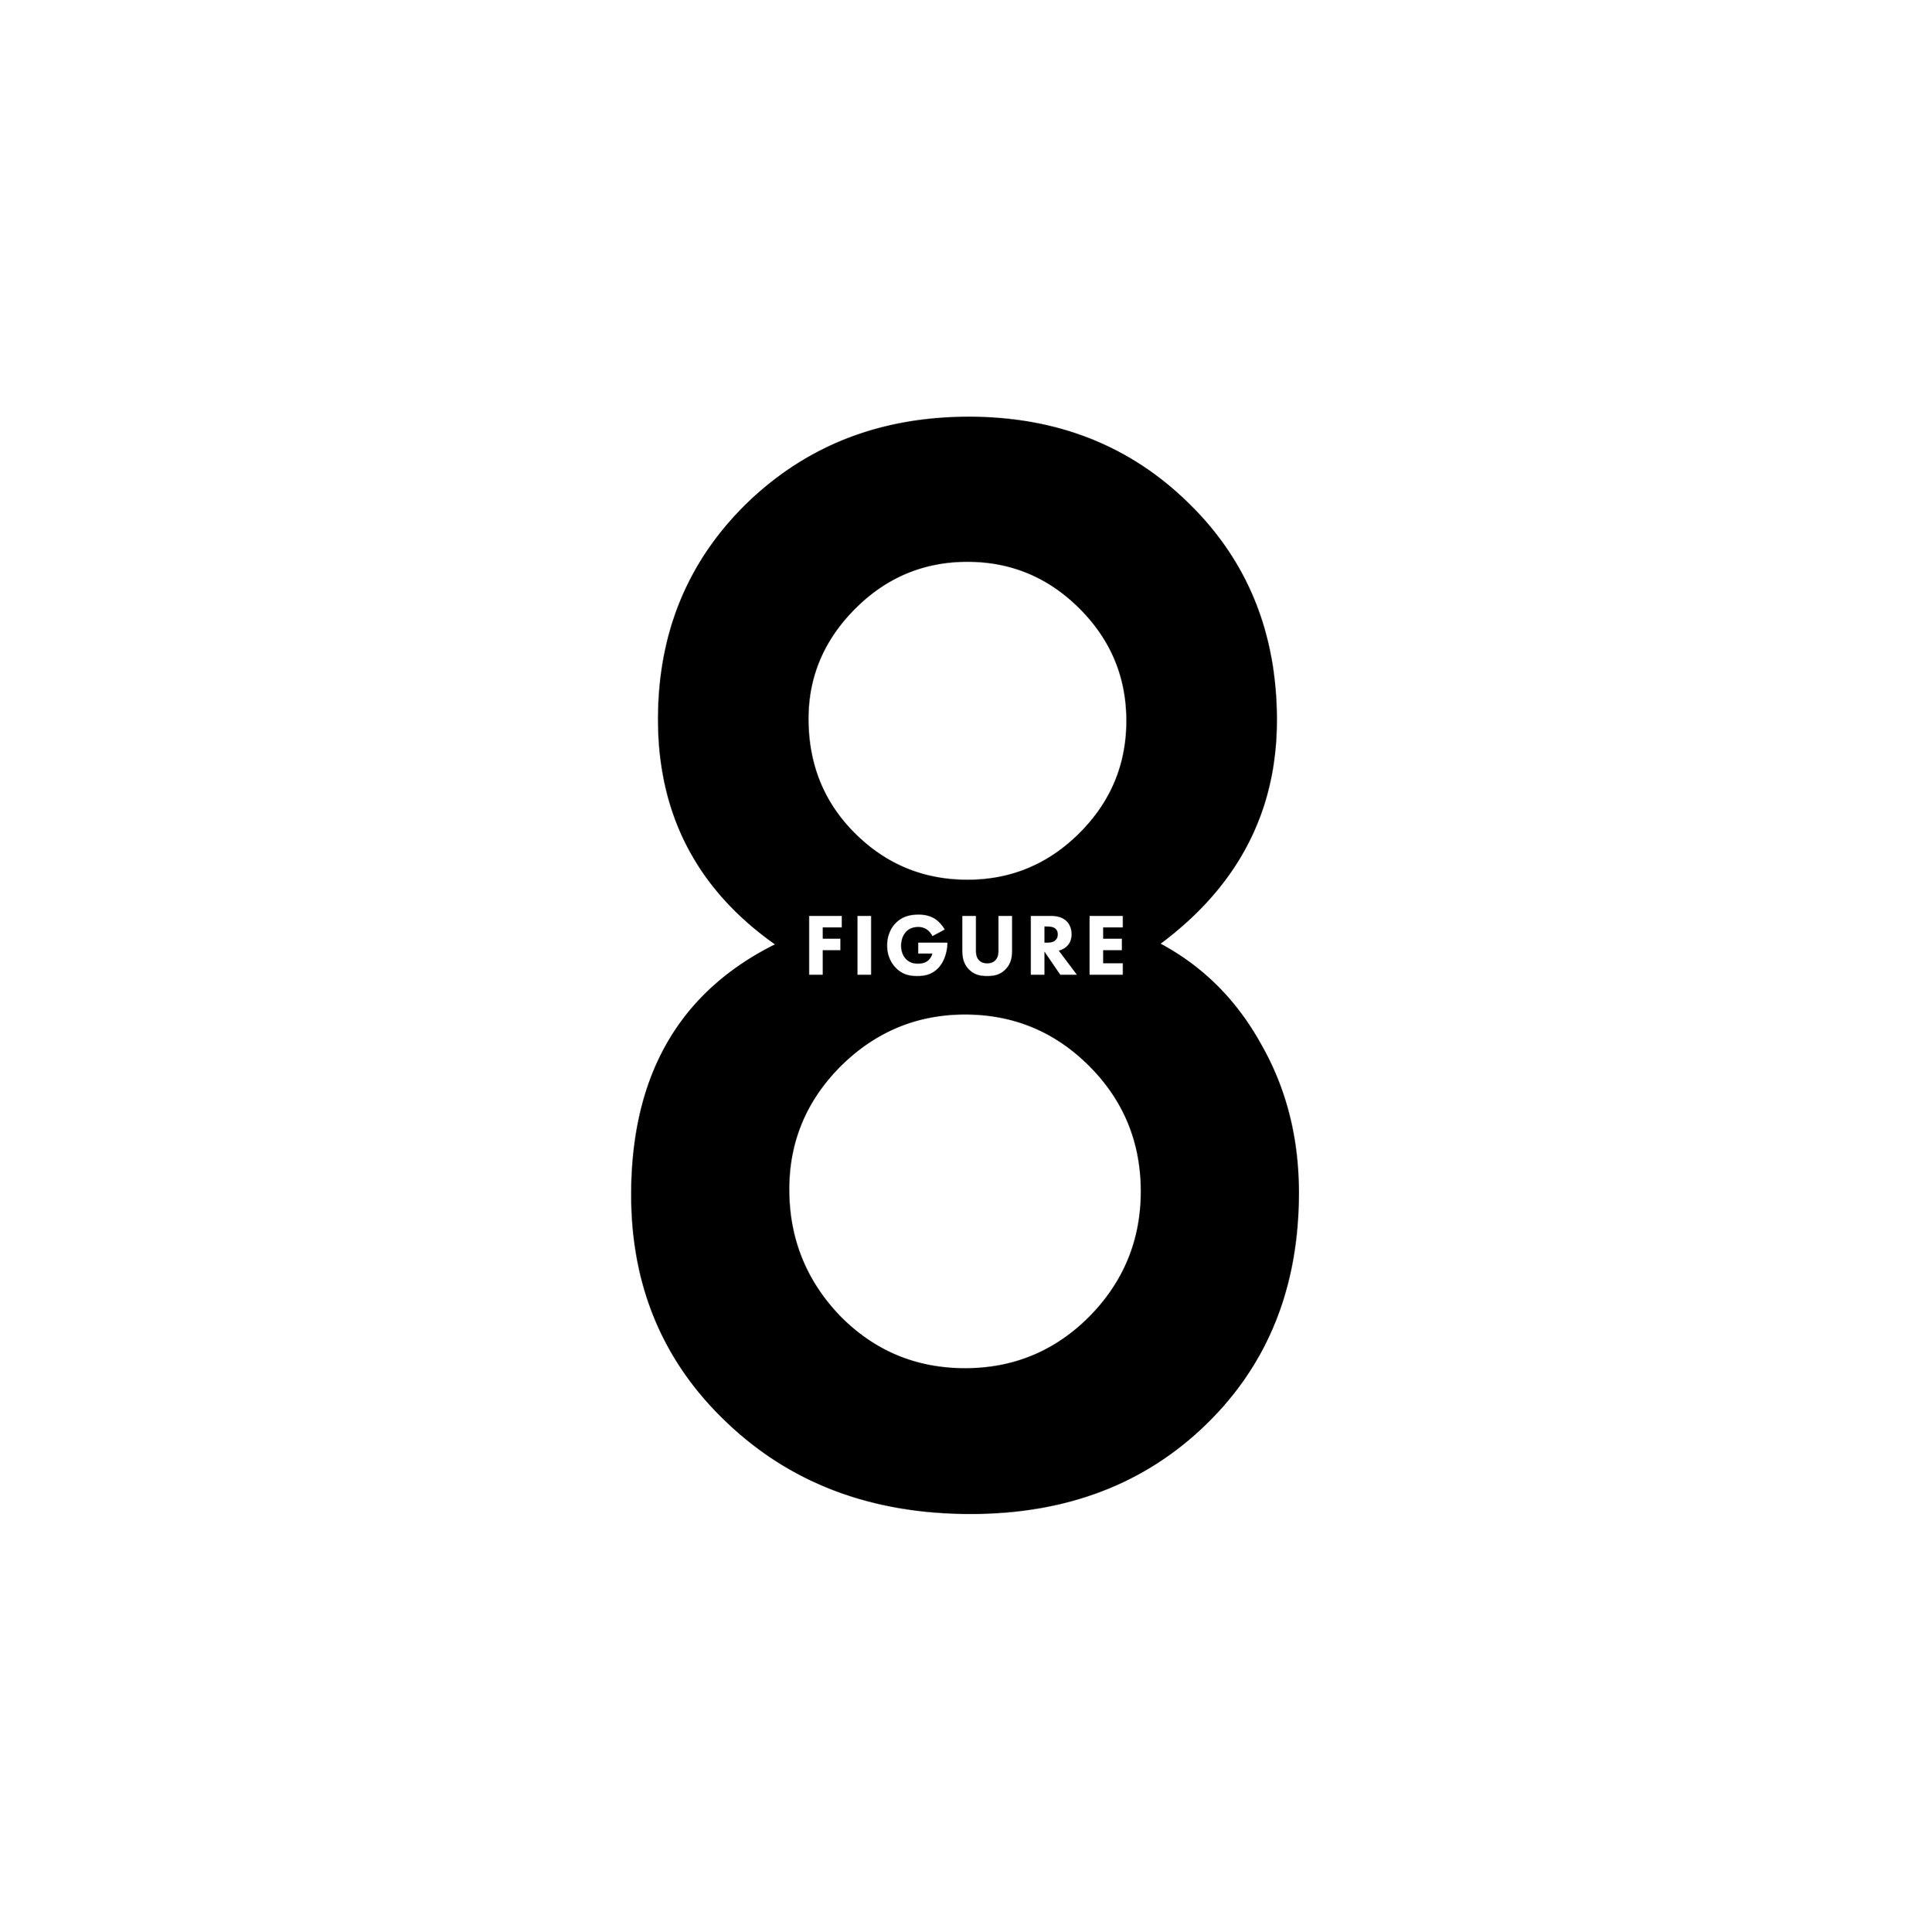 fig8_logo_white.jpg